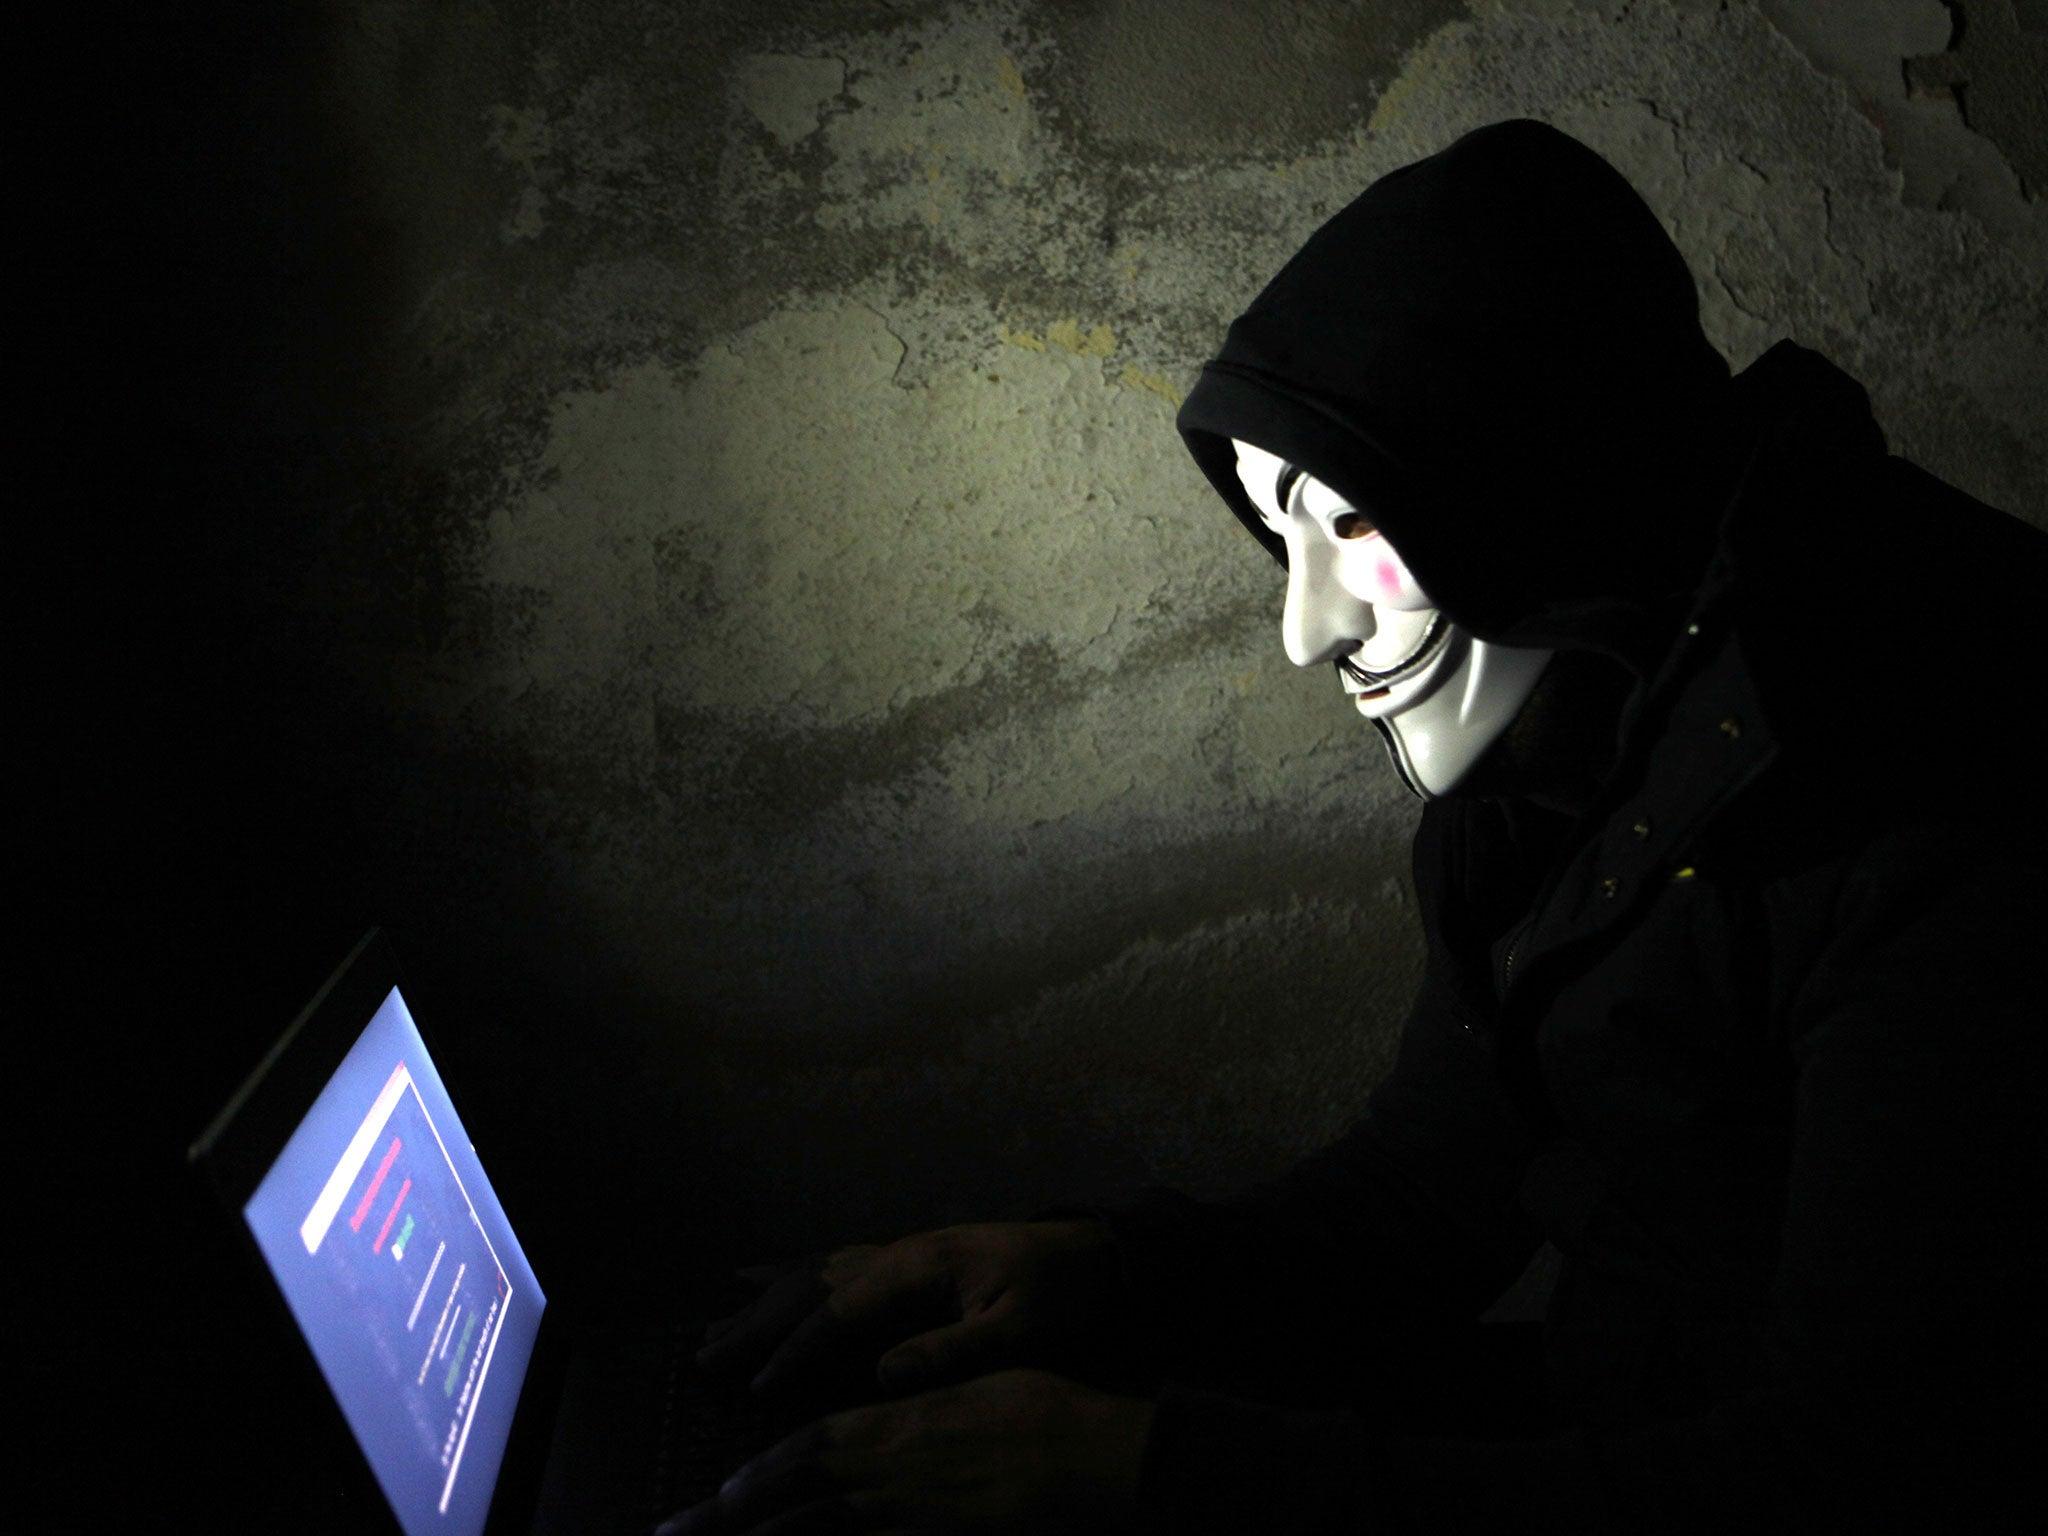 Disa fakte që nuk i dinit rreth grupit te famshem te hackerave Anonymous Hackers-cyber-crime-anonymousv1